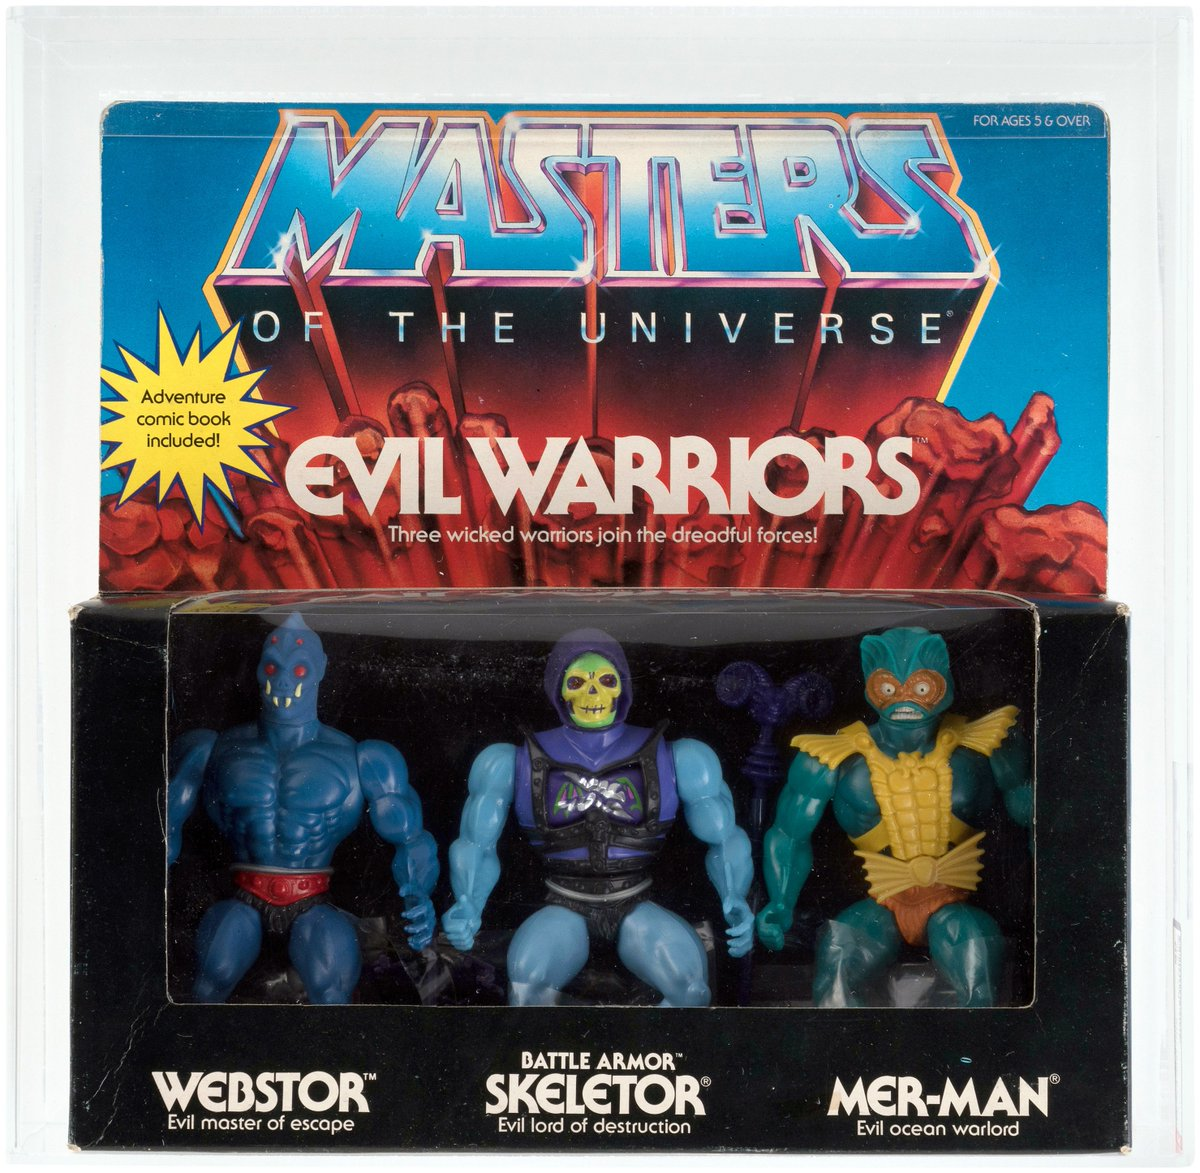 #webstor #battlearmorskeletor #merman #evilwarriors